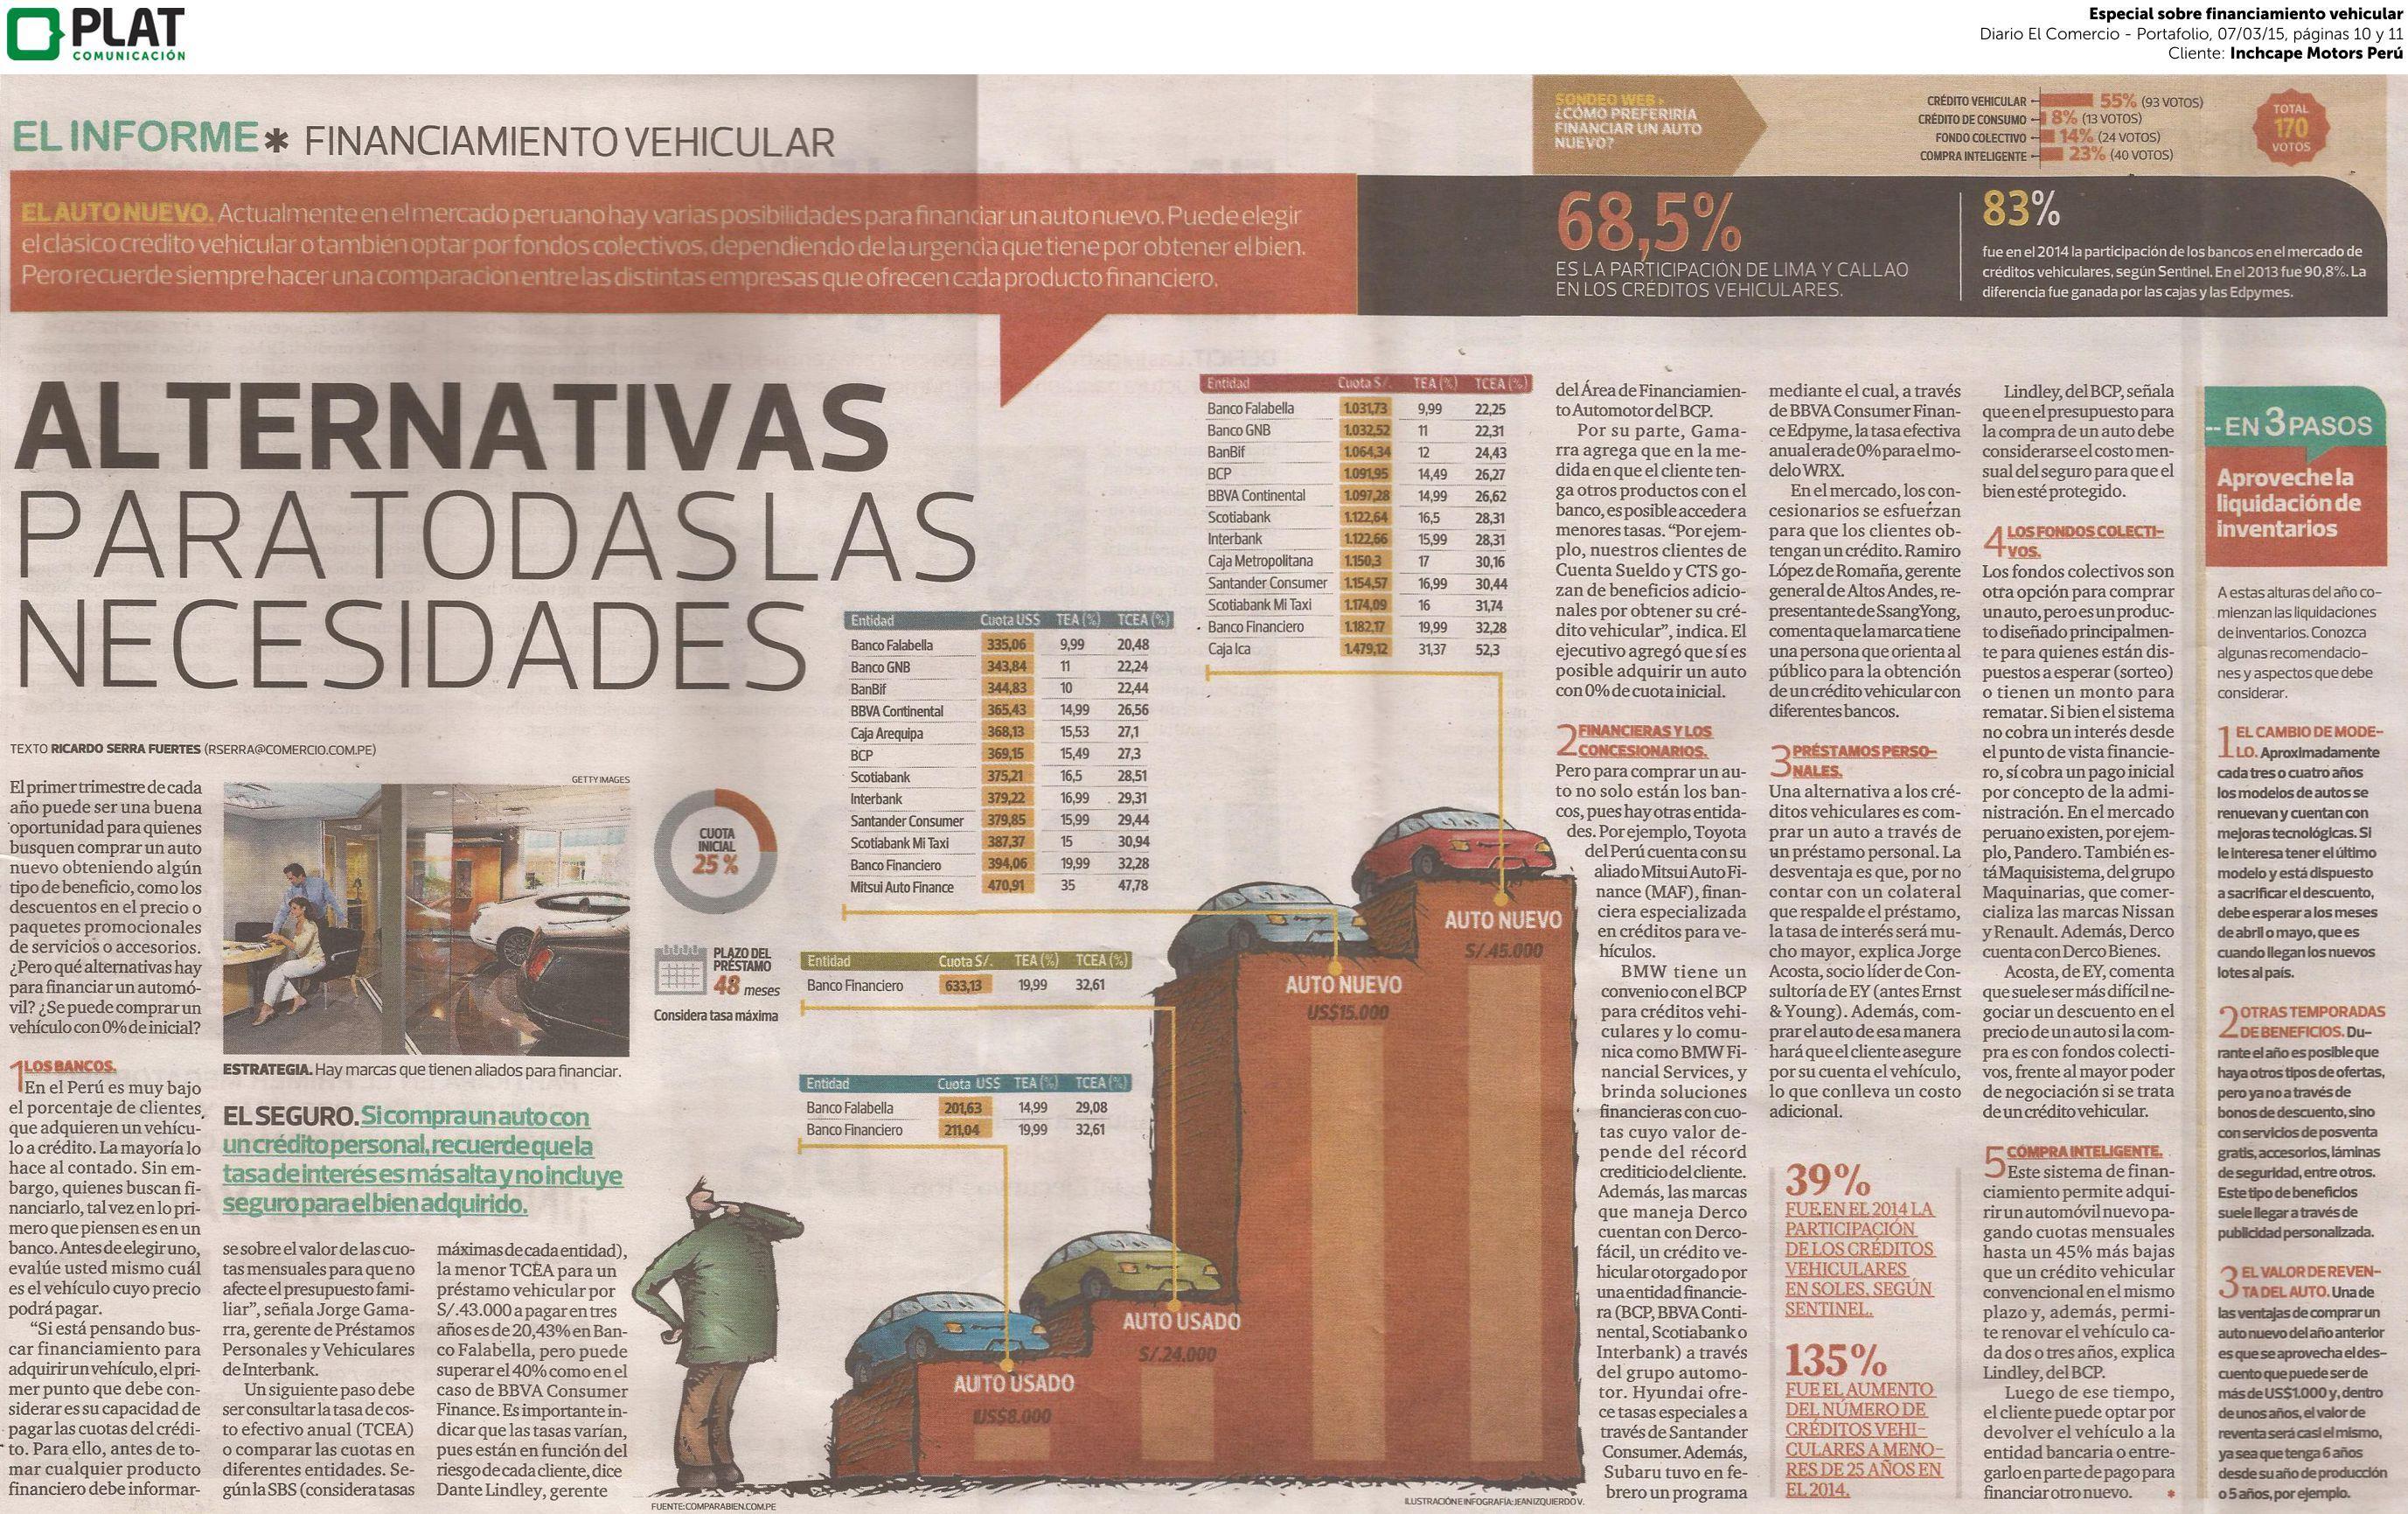 Inchcape Motors: Especial sobre financiamiento automotriz en el diario El Comercio de Perú (07/03/15)